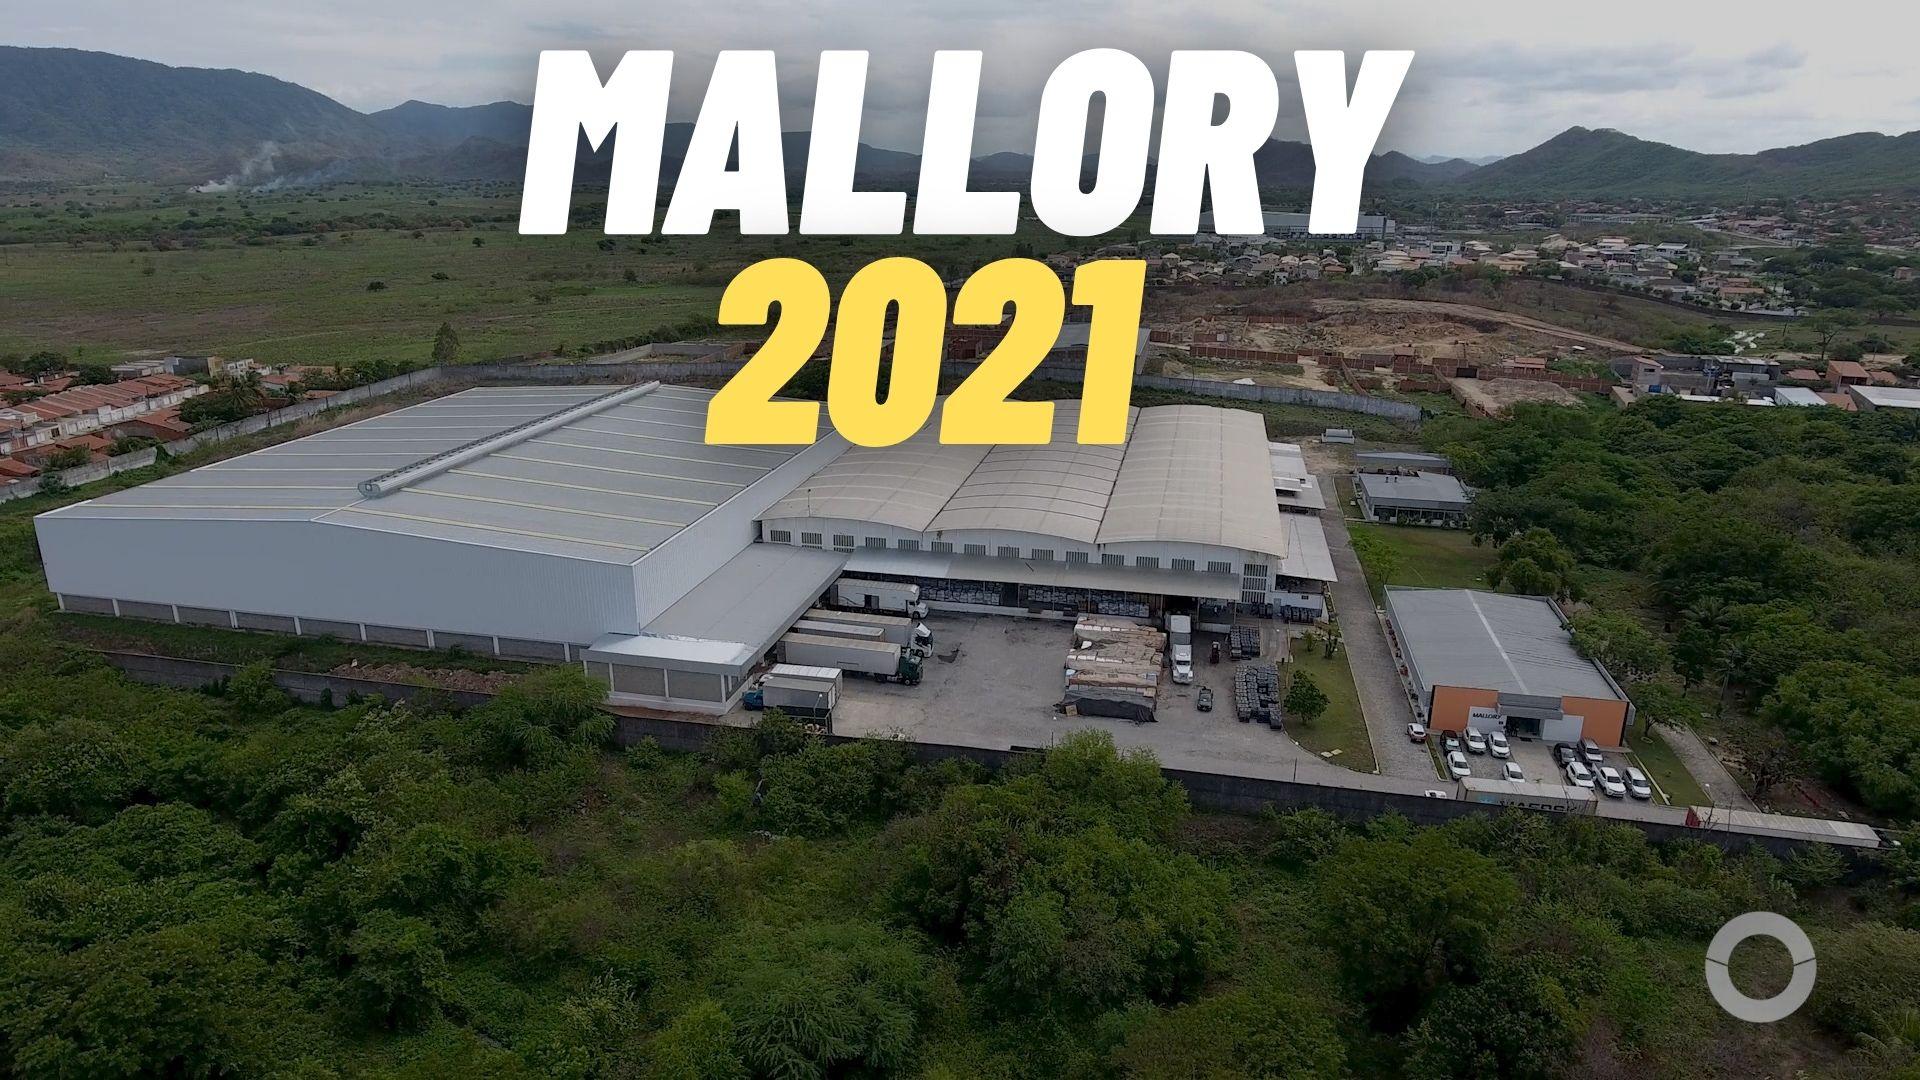 Nordeste 4.0/ Mallory/ 2021